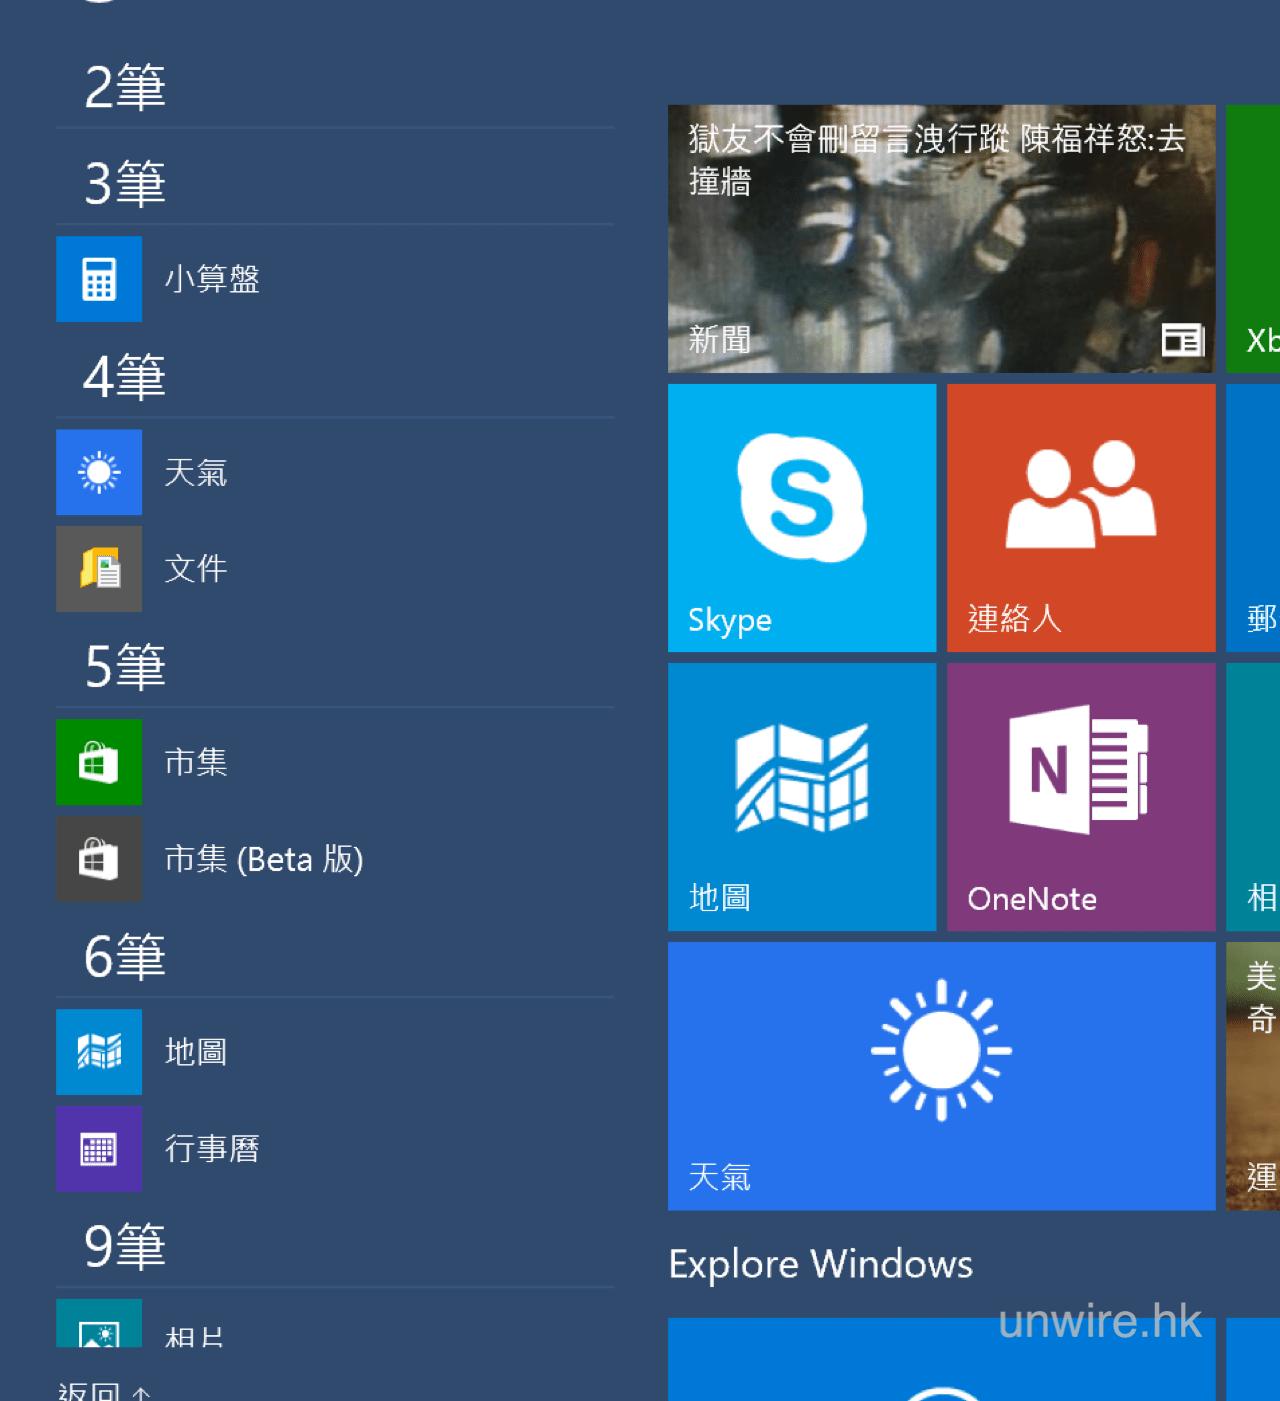 【試用報告】 重回 Win 7 感覺 ! Windows 10(Build 9926) 䌓體中文版 - 香港 unwire.hk